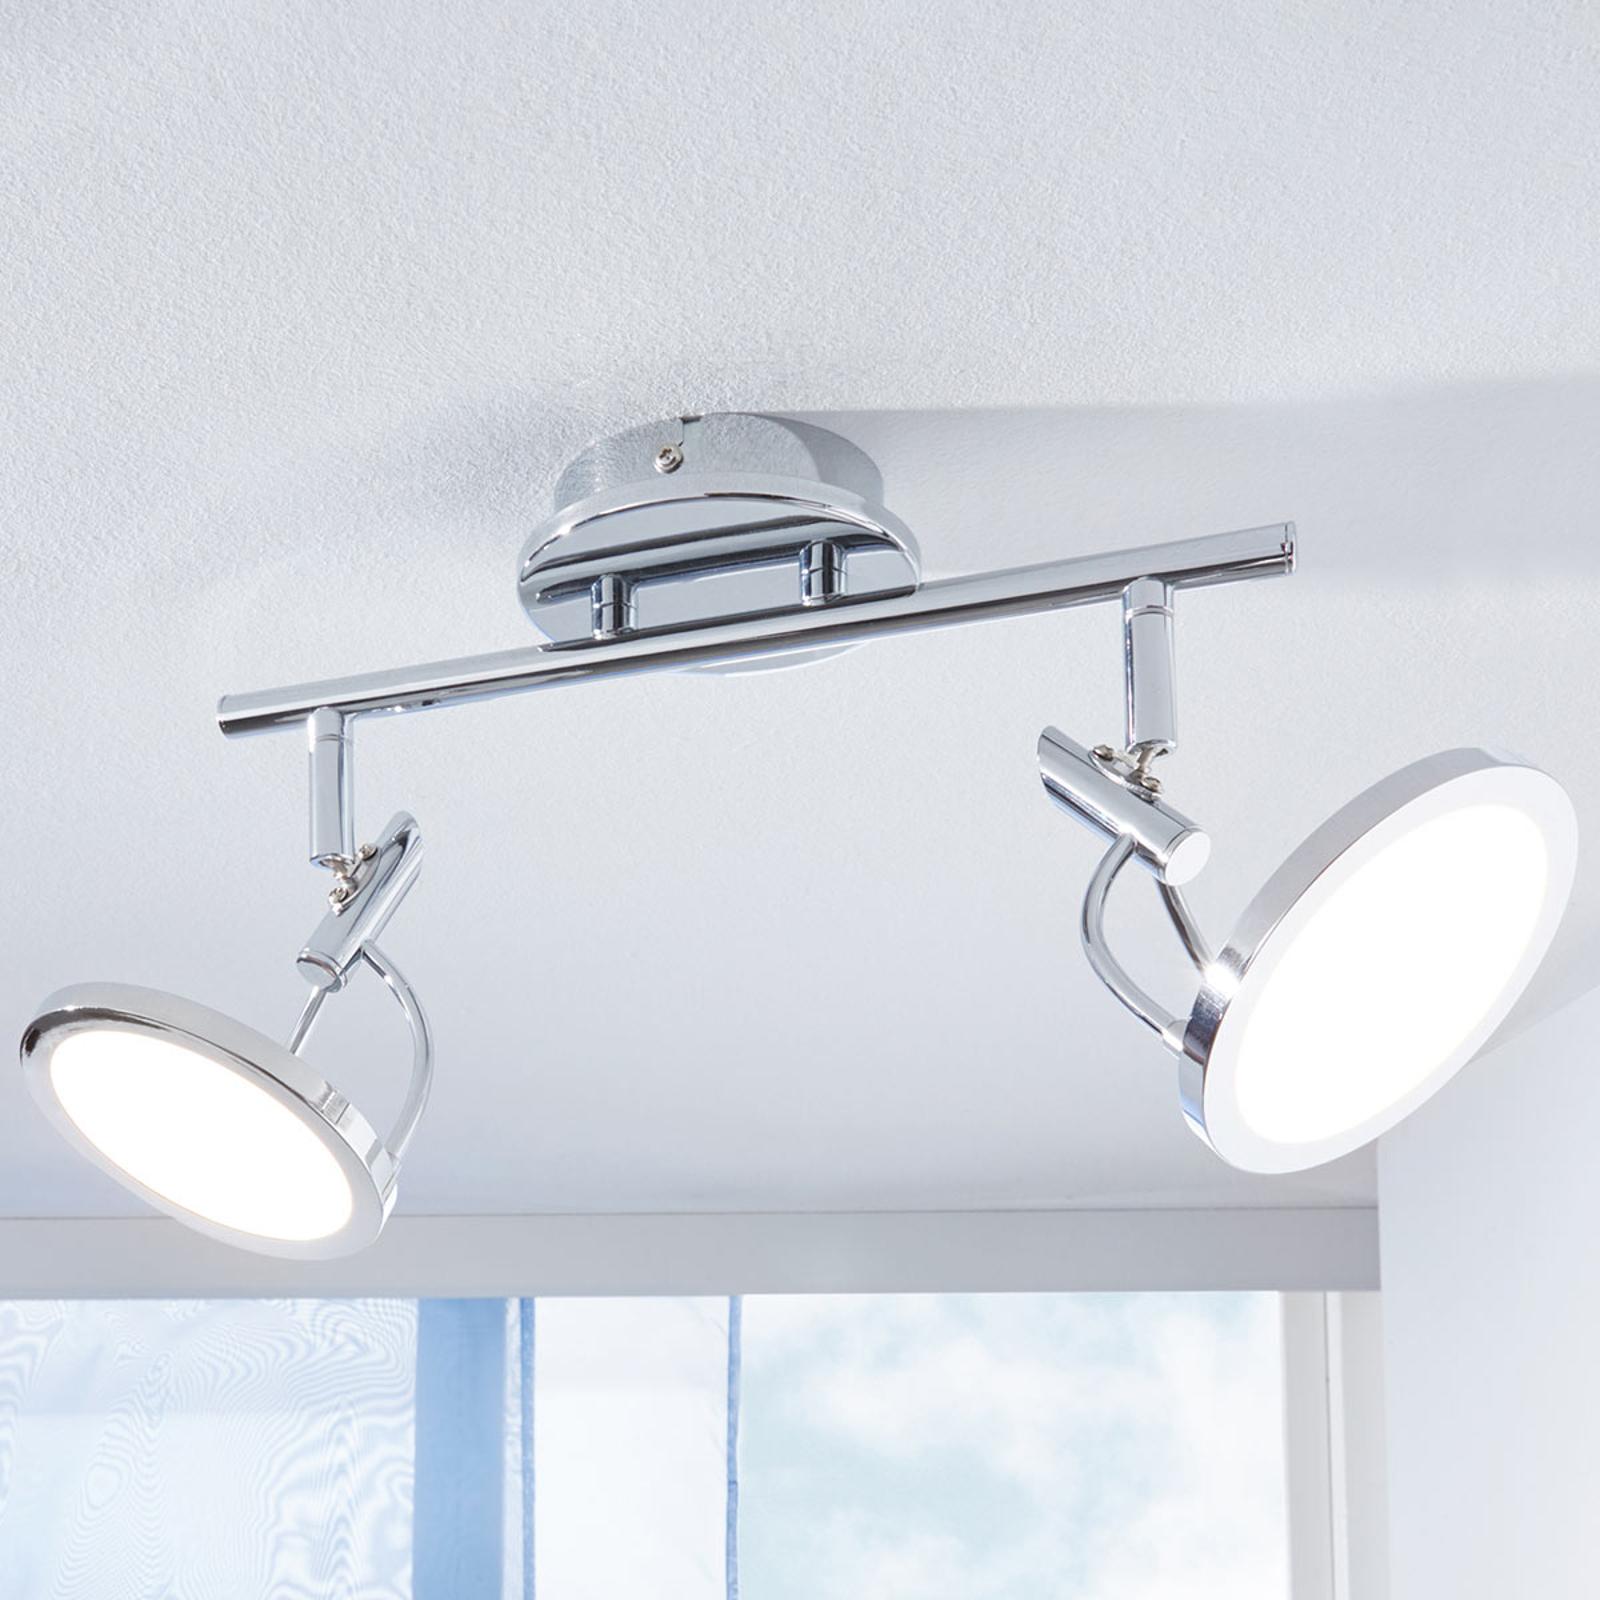 LED- kattokohdevalo Jorne, kromattu, 2-lamppuinen